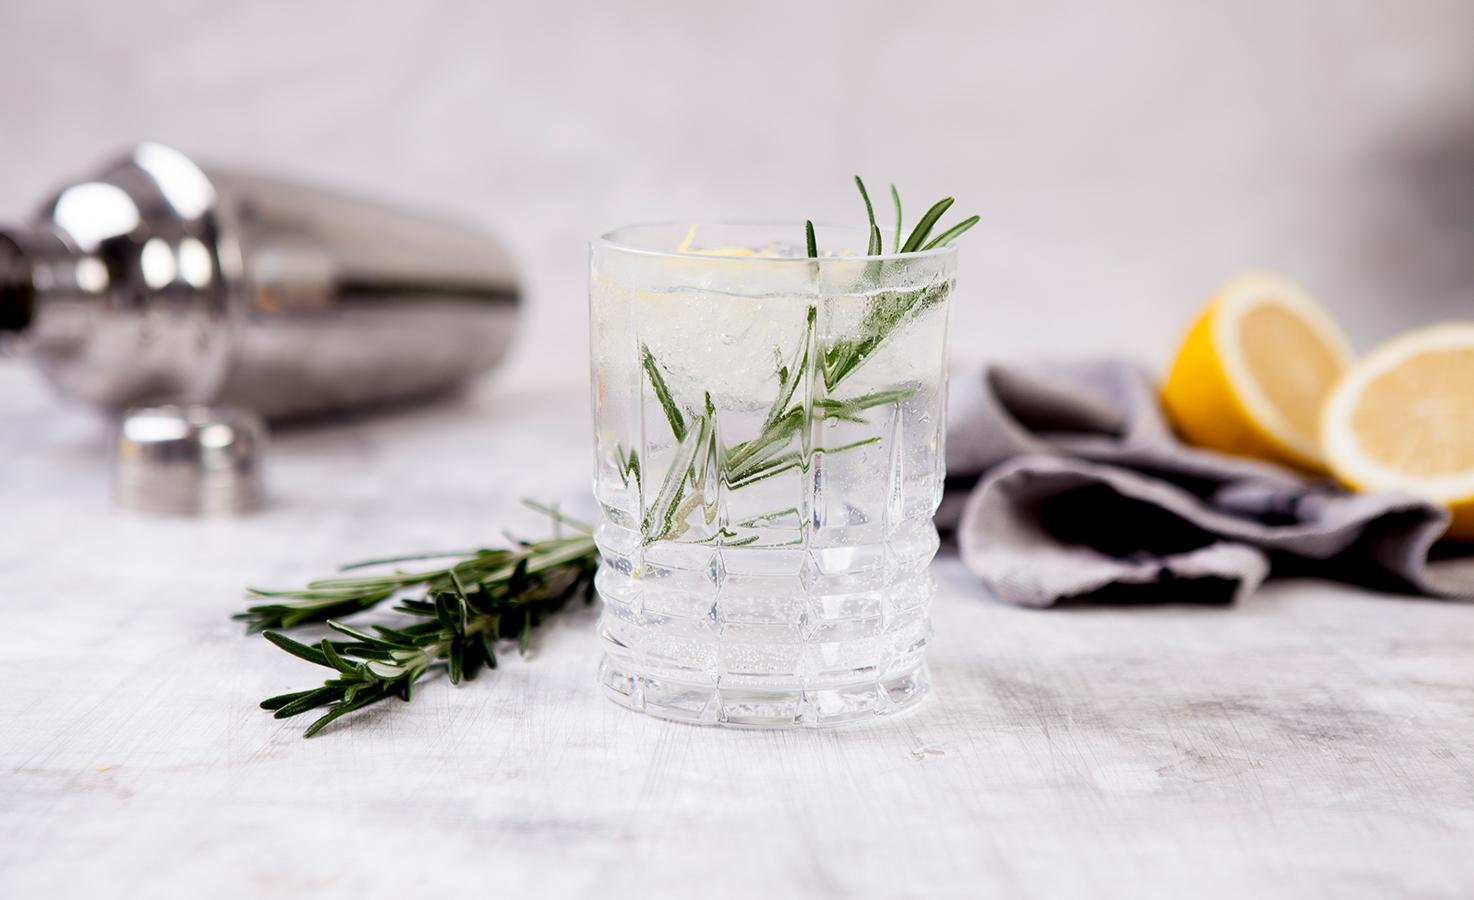 003_Ferdinad-s_Saar_Dry_Gin-_Gin-TonicTDMUV4T9fsCkb